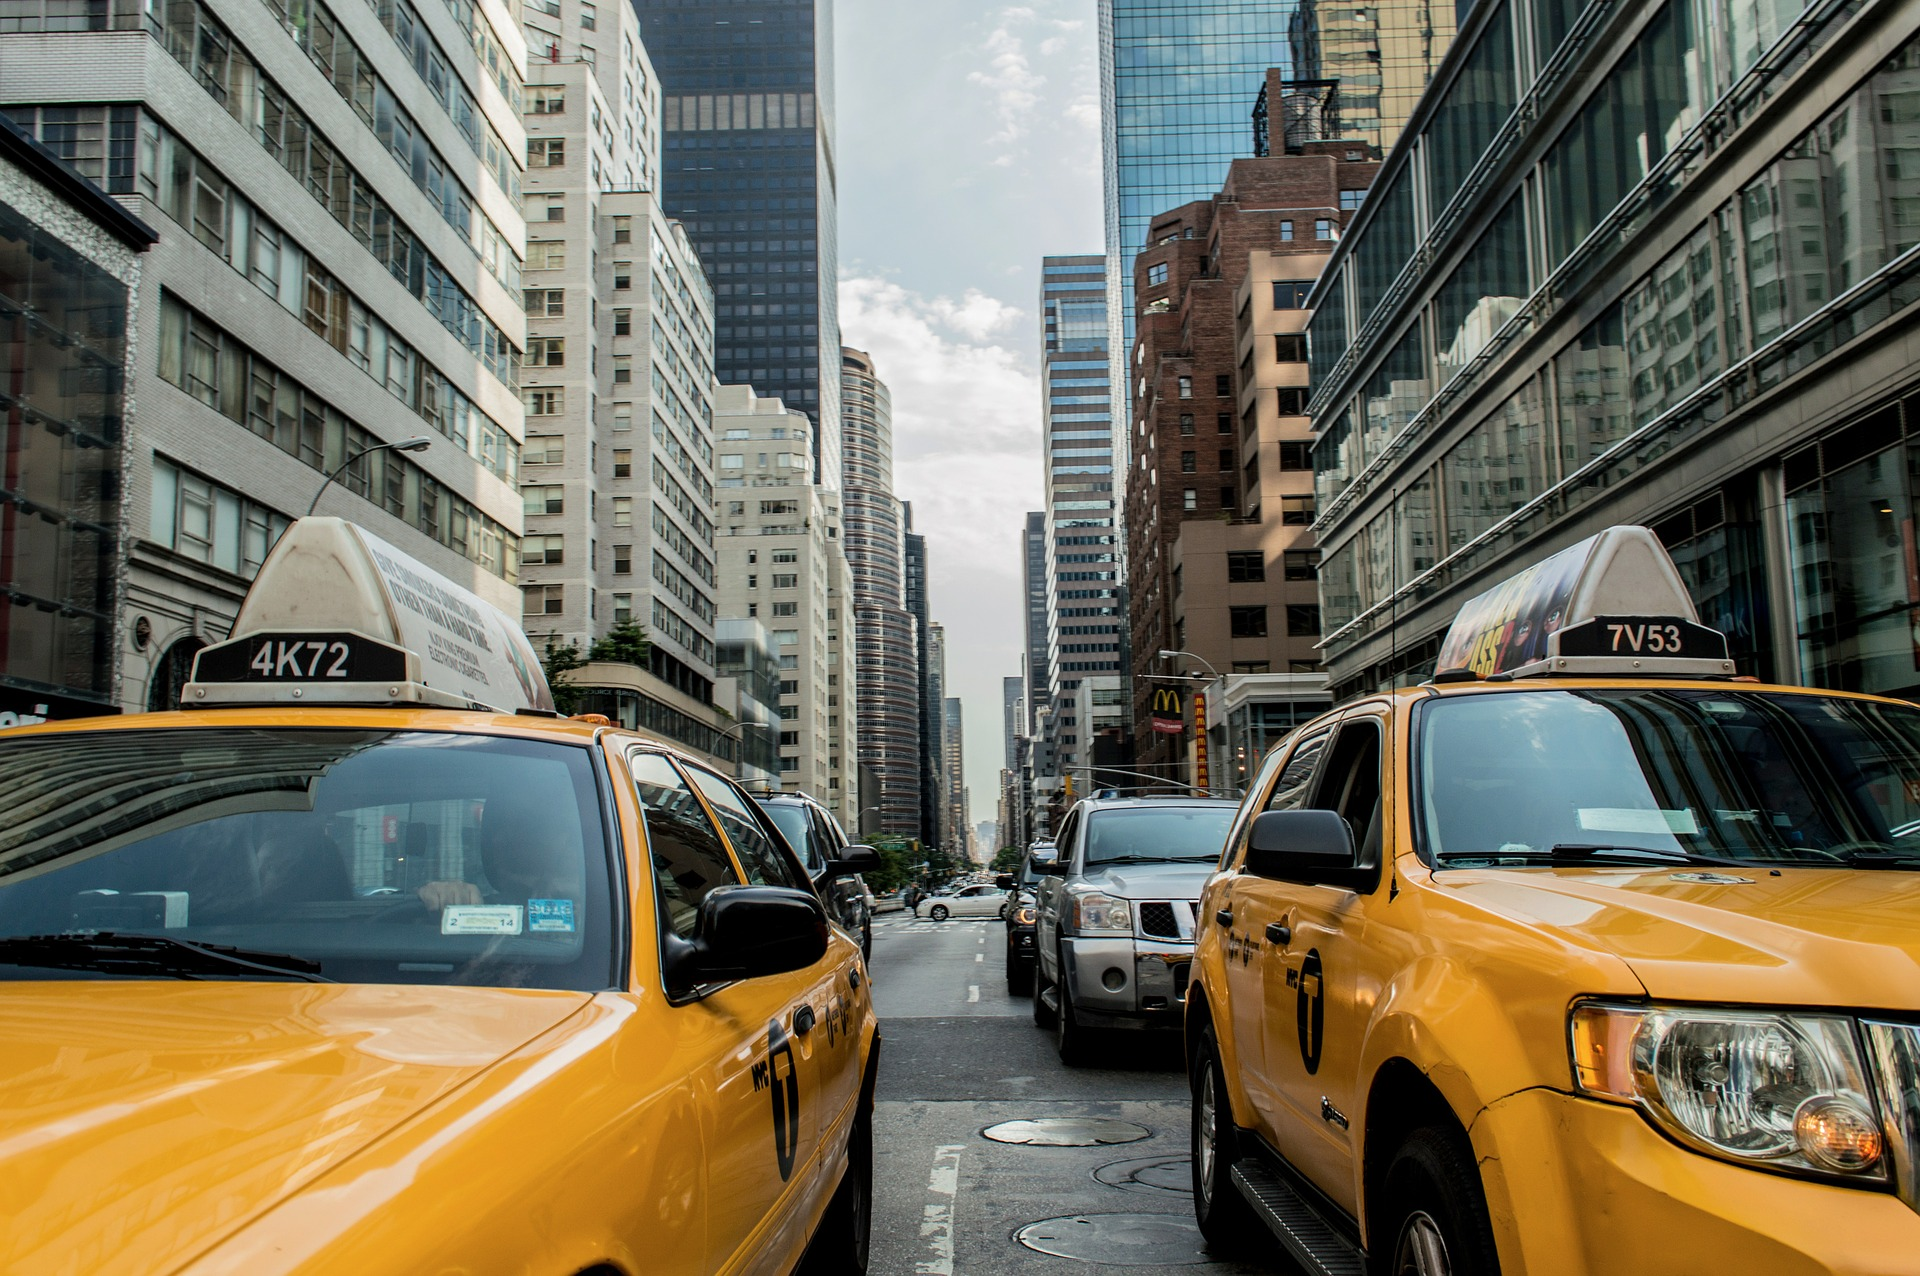 Les voitures jaunes, vous connaissez ?